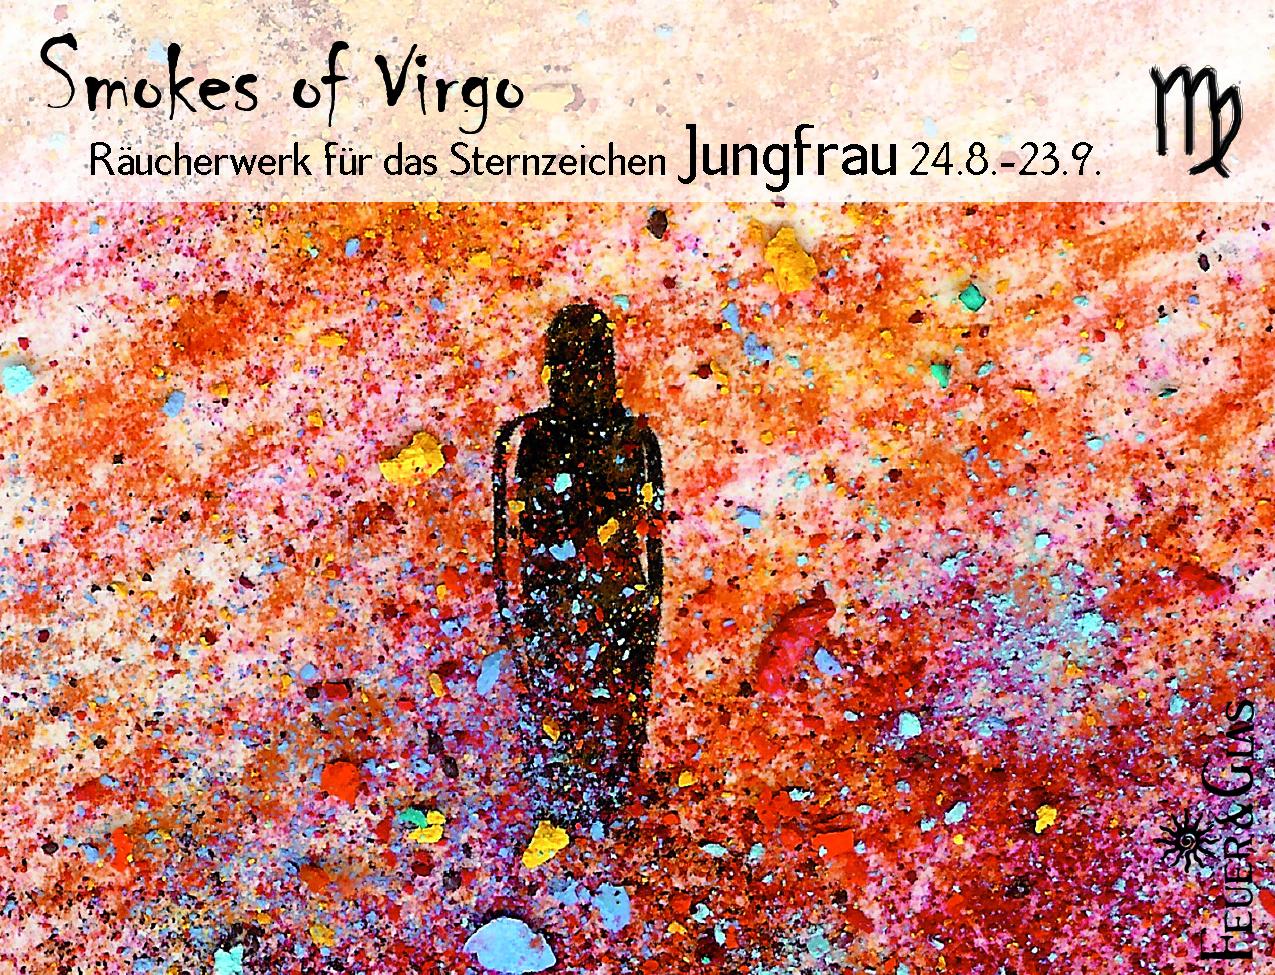 Smokes of Virgo - Jungfrau